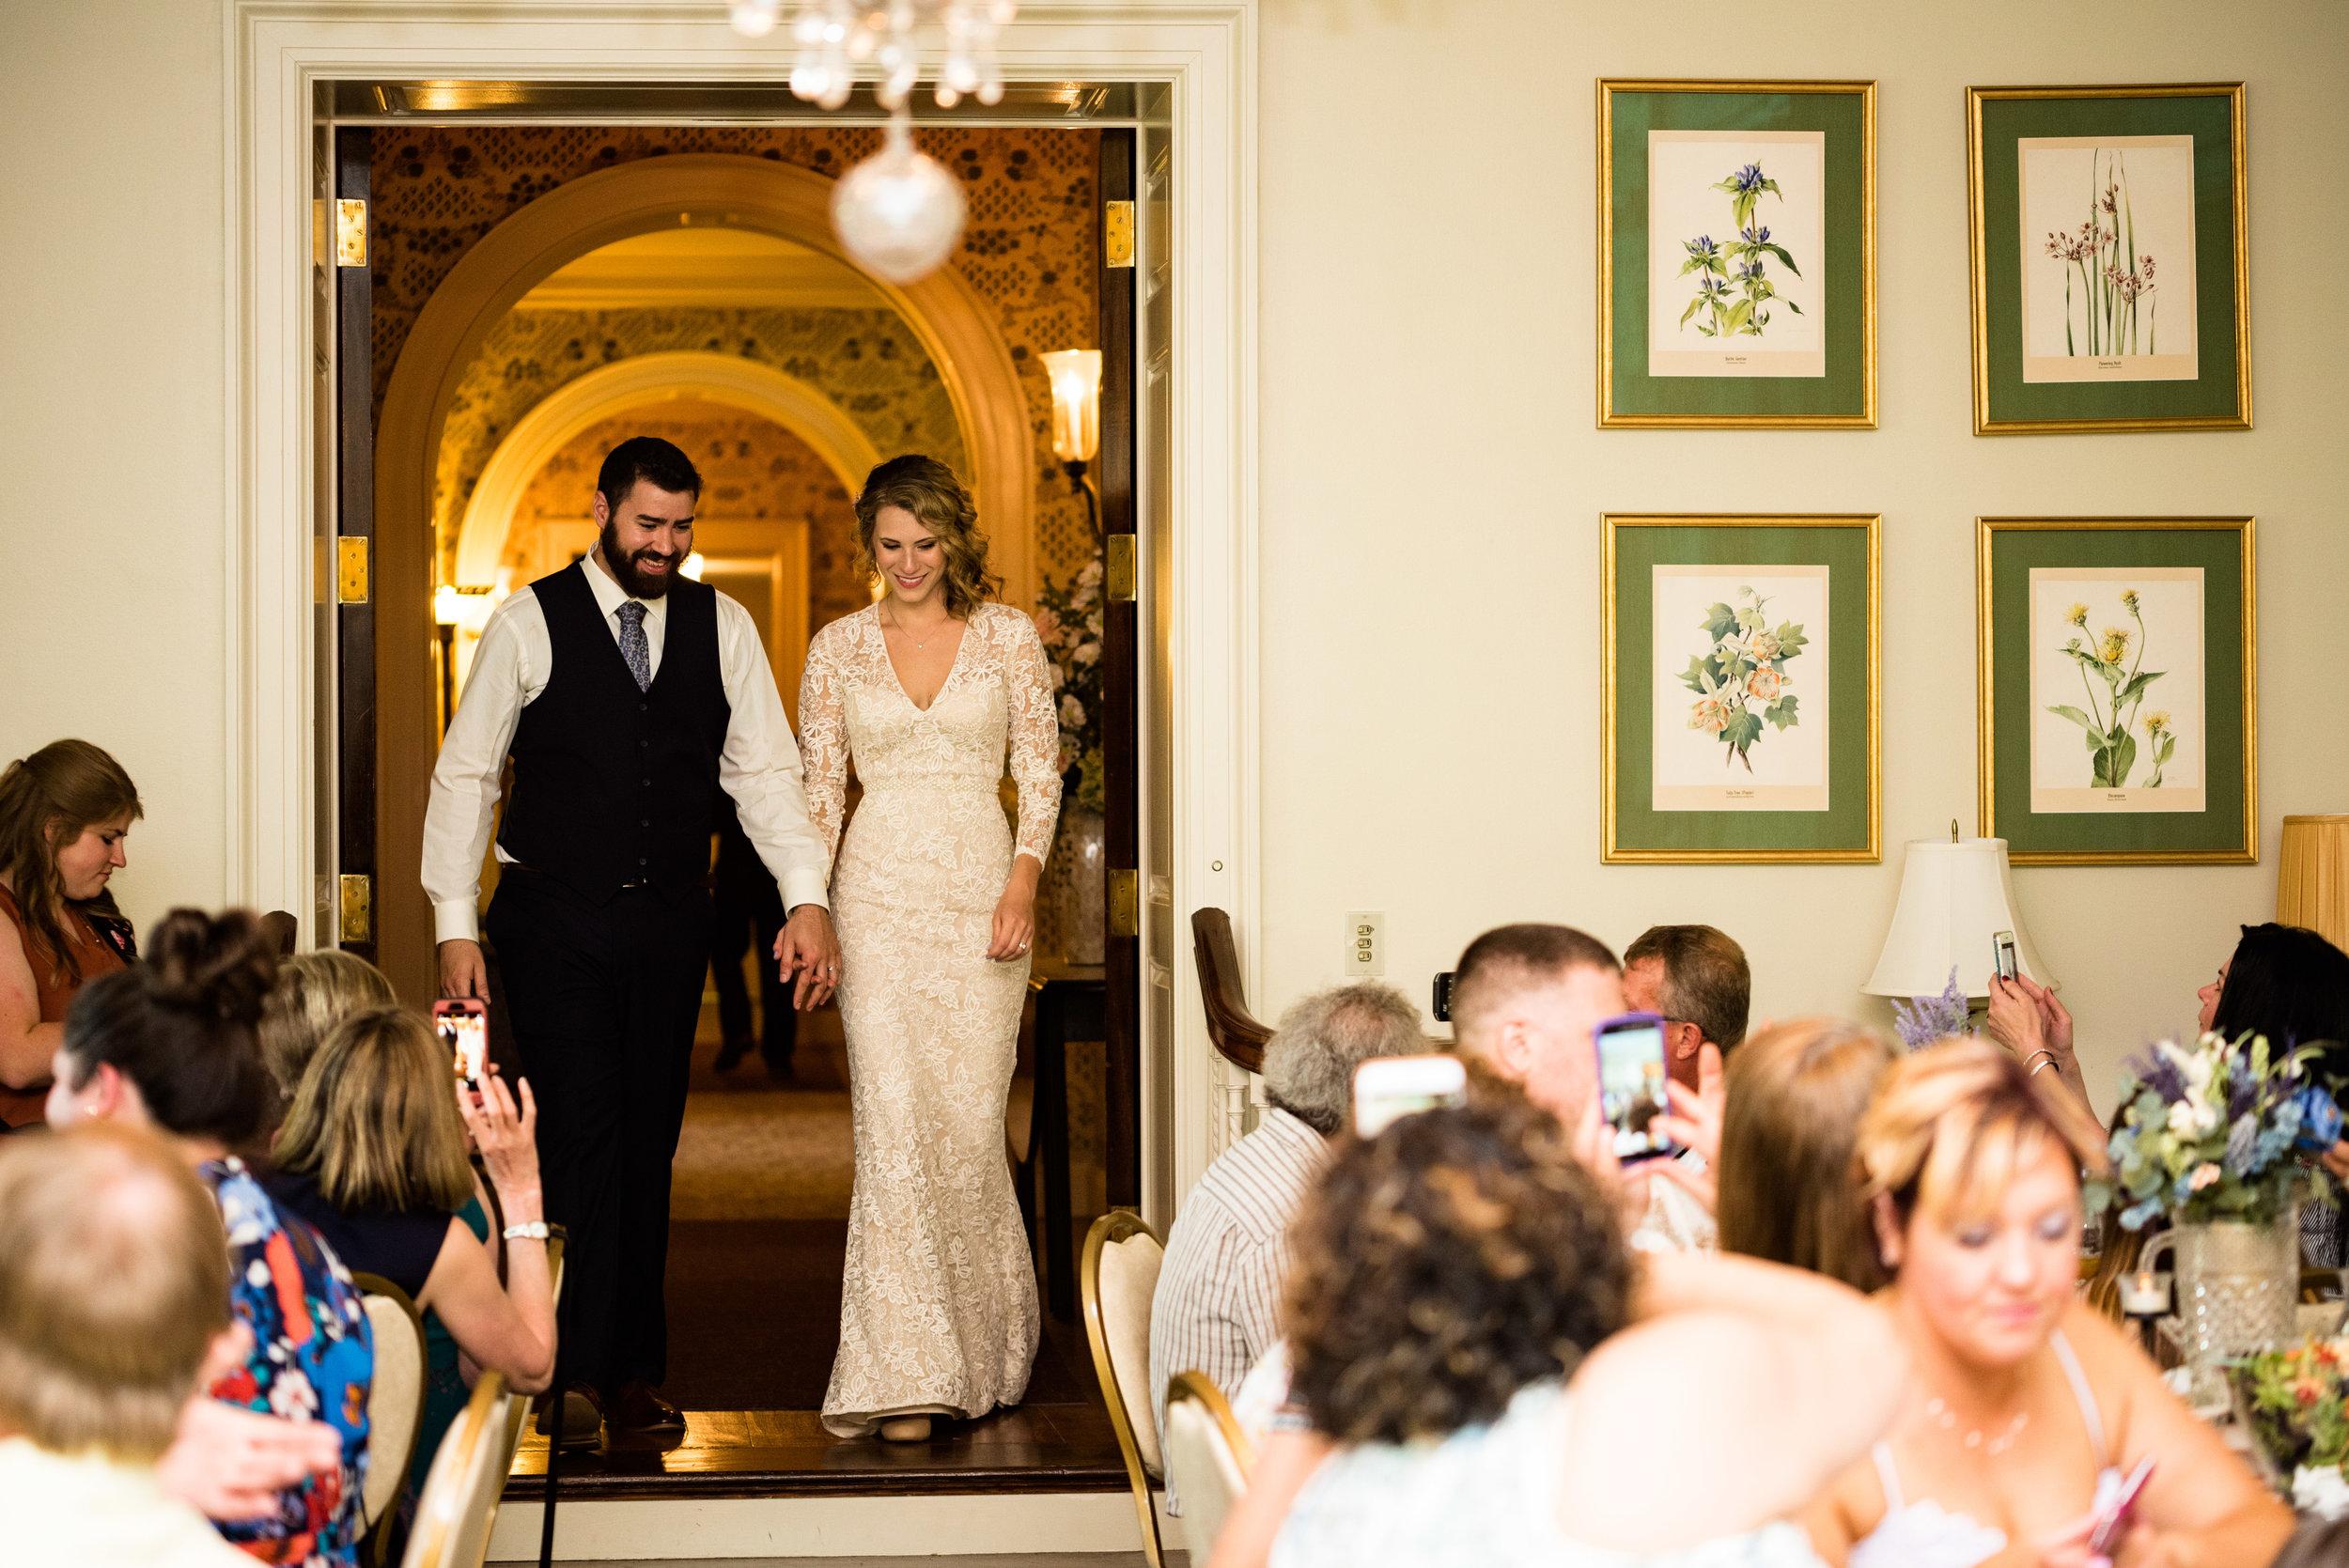 toledo ohio wedding wildwood-31.jpg